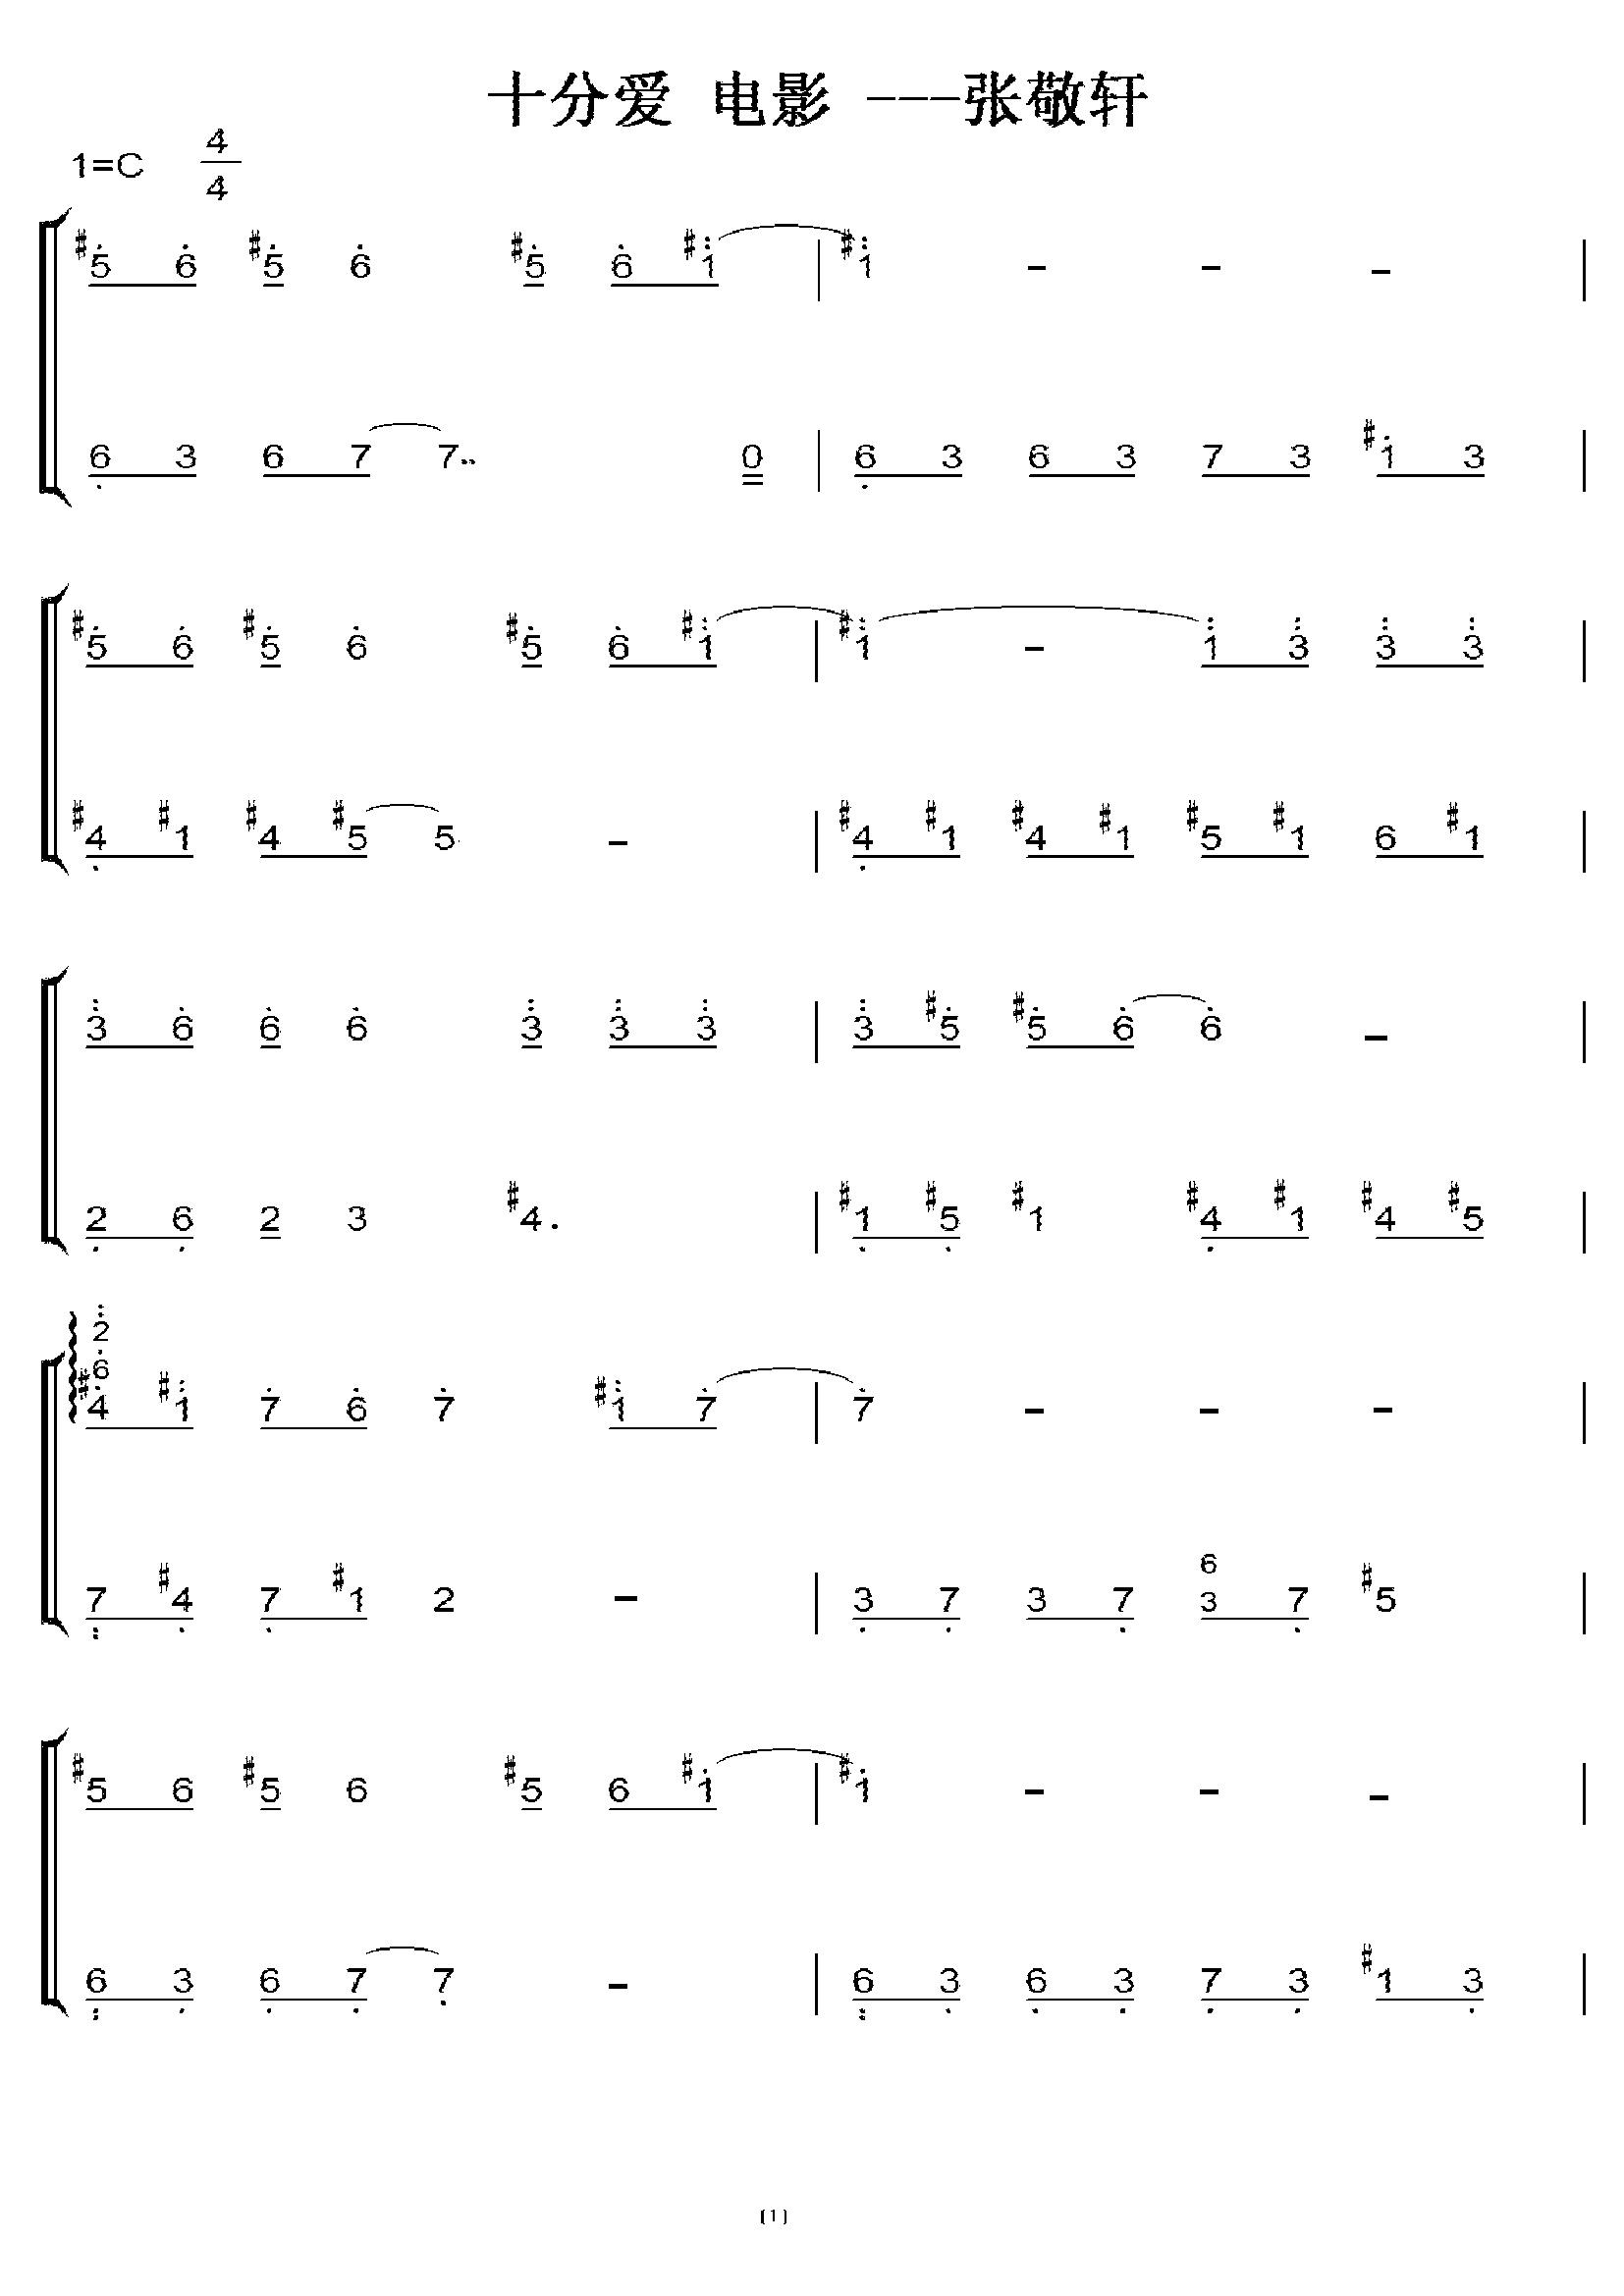 十分爱 c大调 初学简易版 钢琴双手简谱 钢琴谱图片